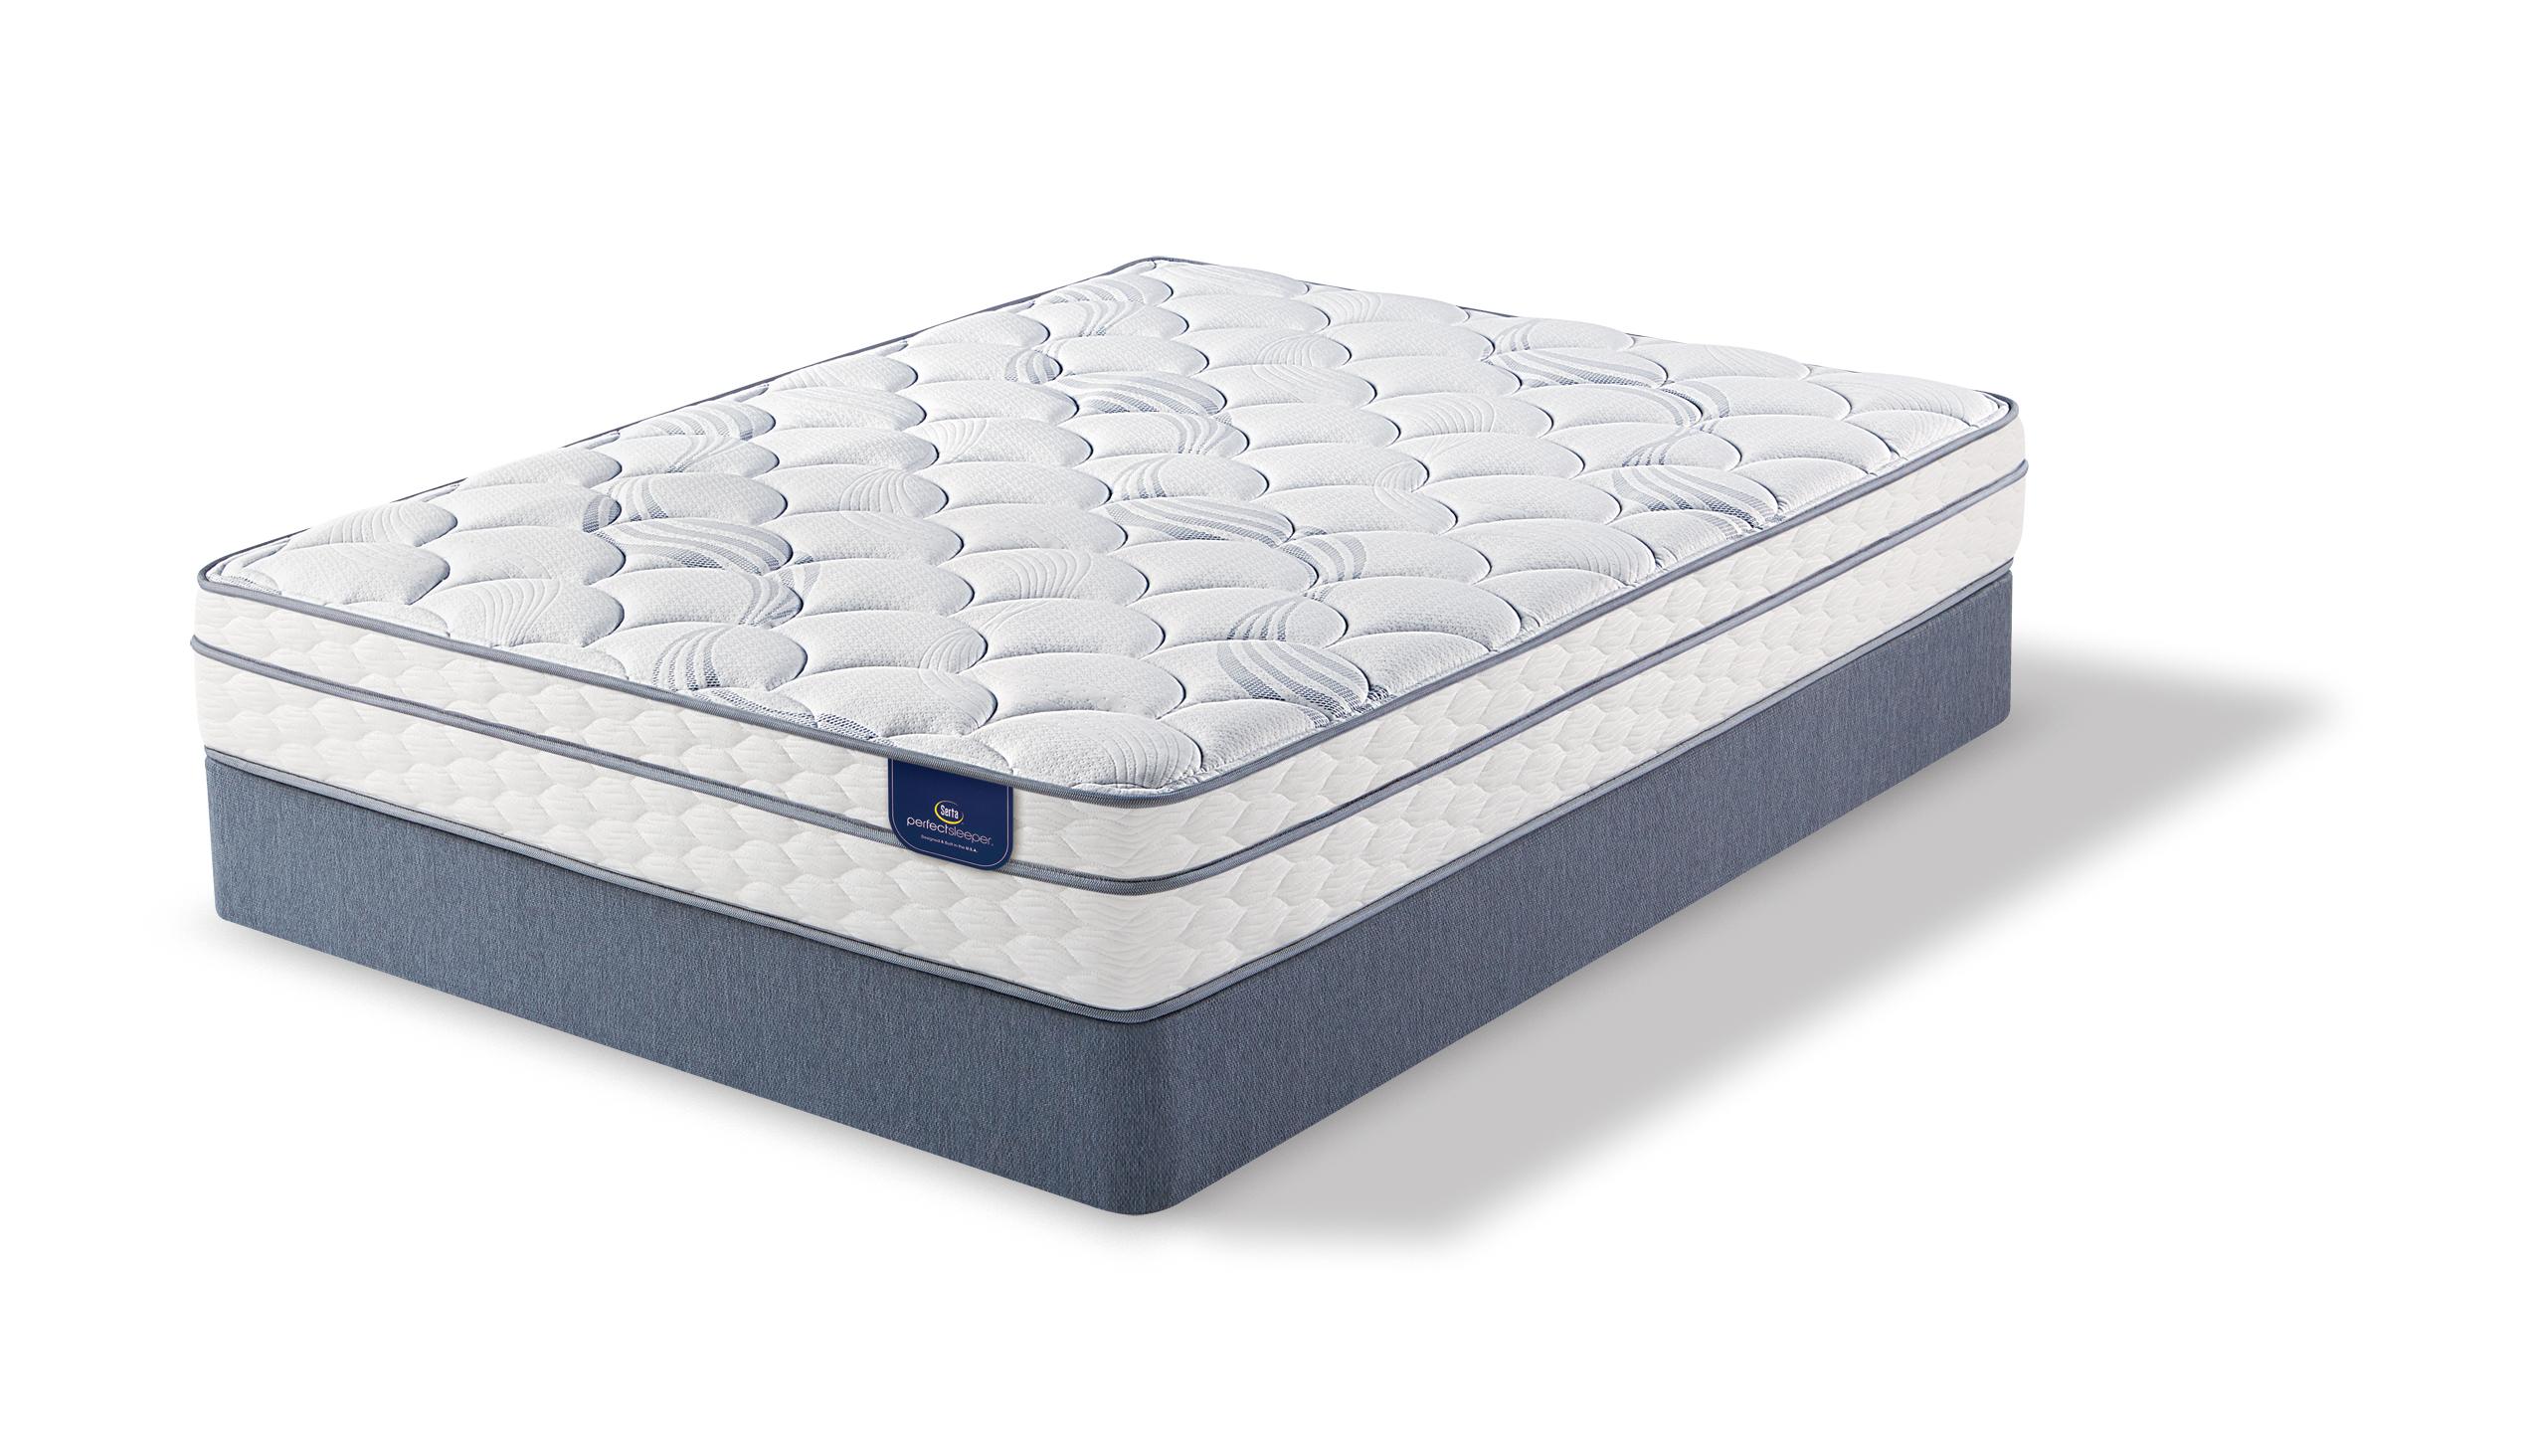 Bedding Barn Serta Perfect Sleeper Farmdale Euro Top